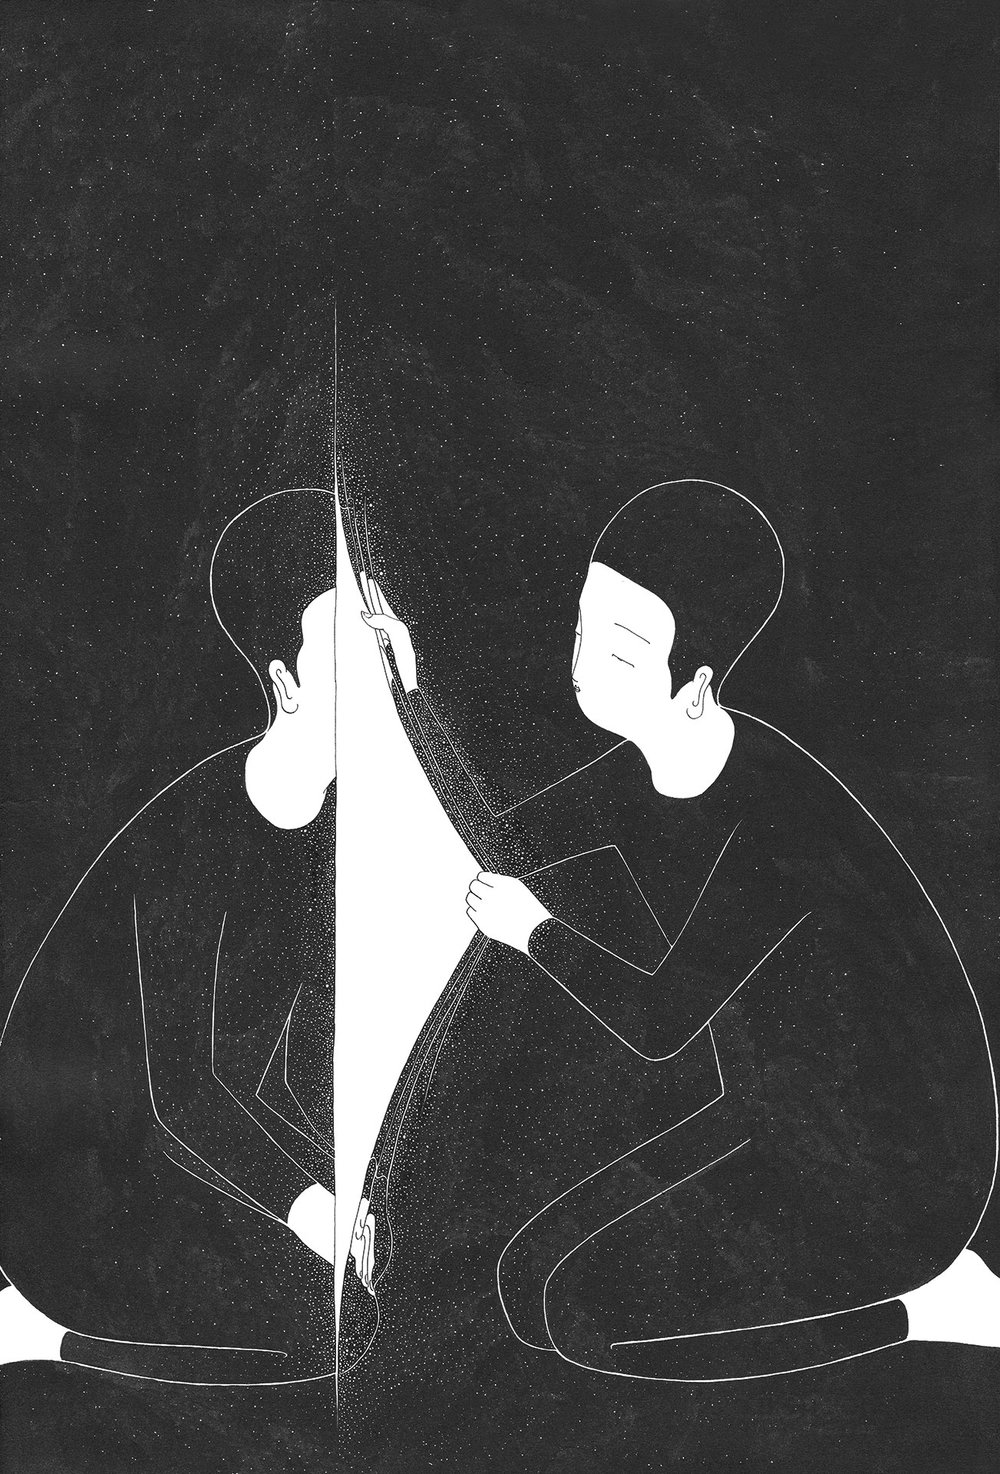 너와 너 사이 / A crack in you Op.0152C -38 x 56 cm,종이에 잉크 / Ink on paper, 2017 Commissioned by Minumsa